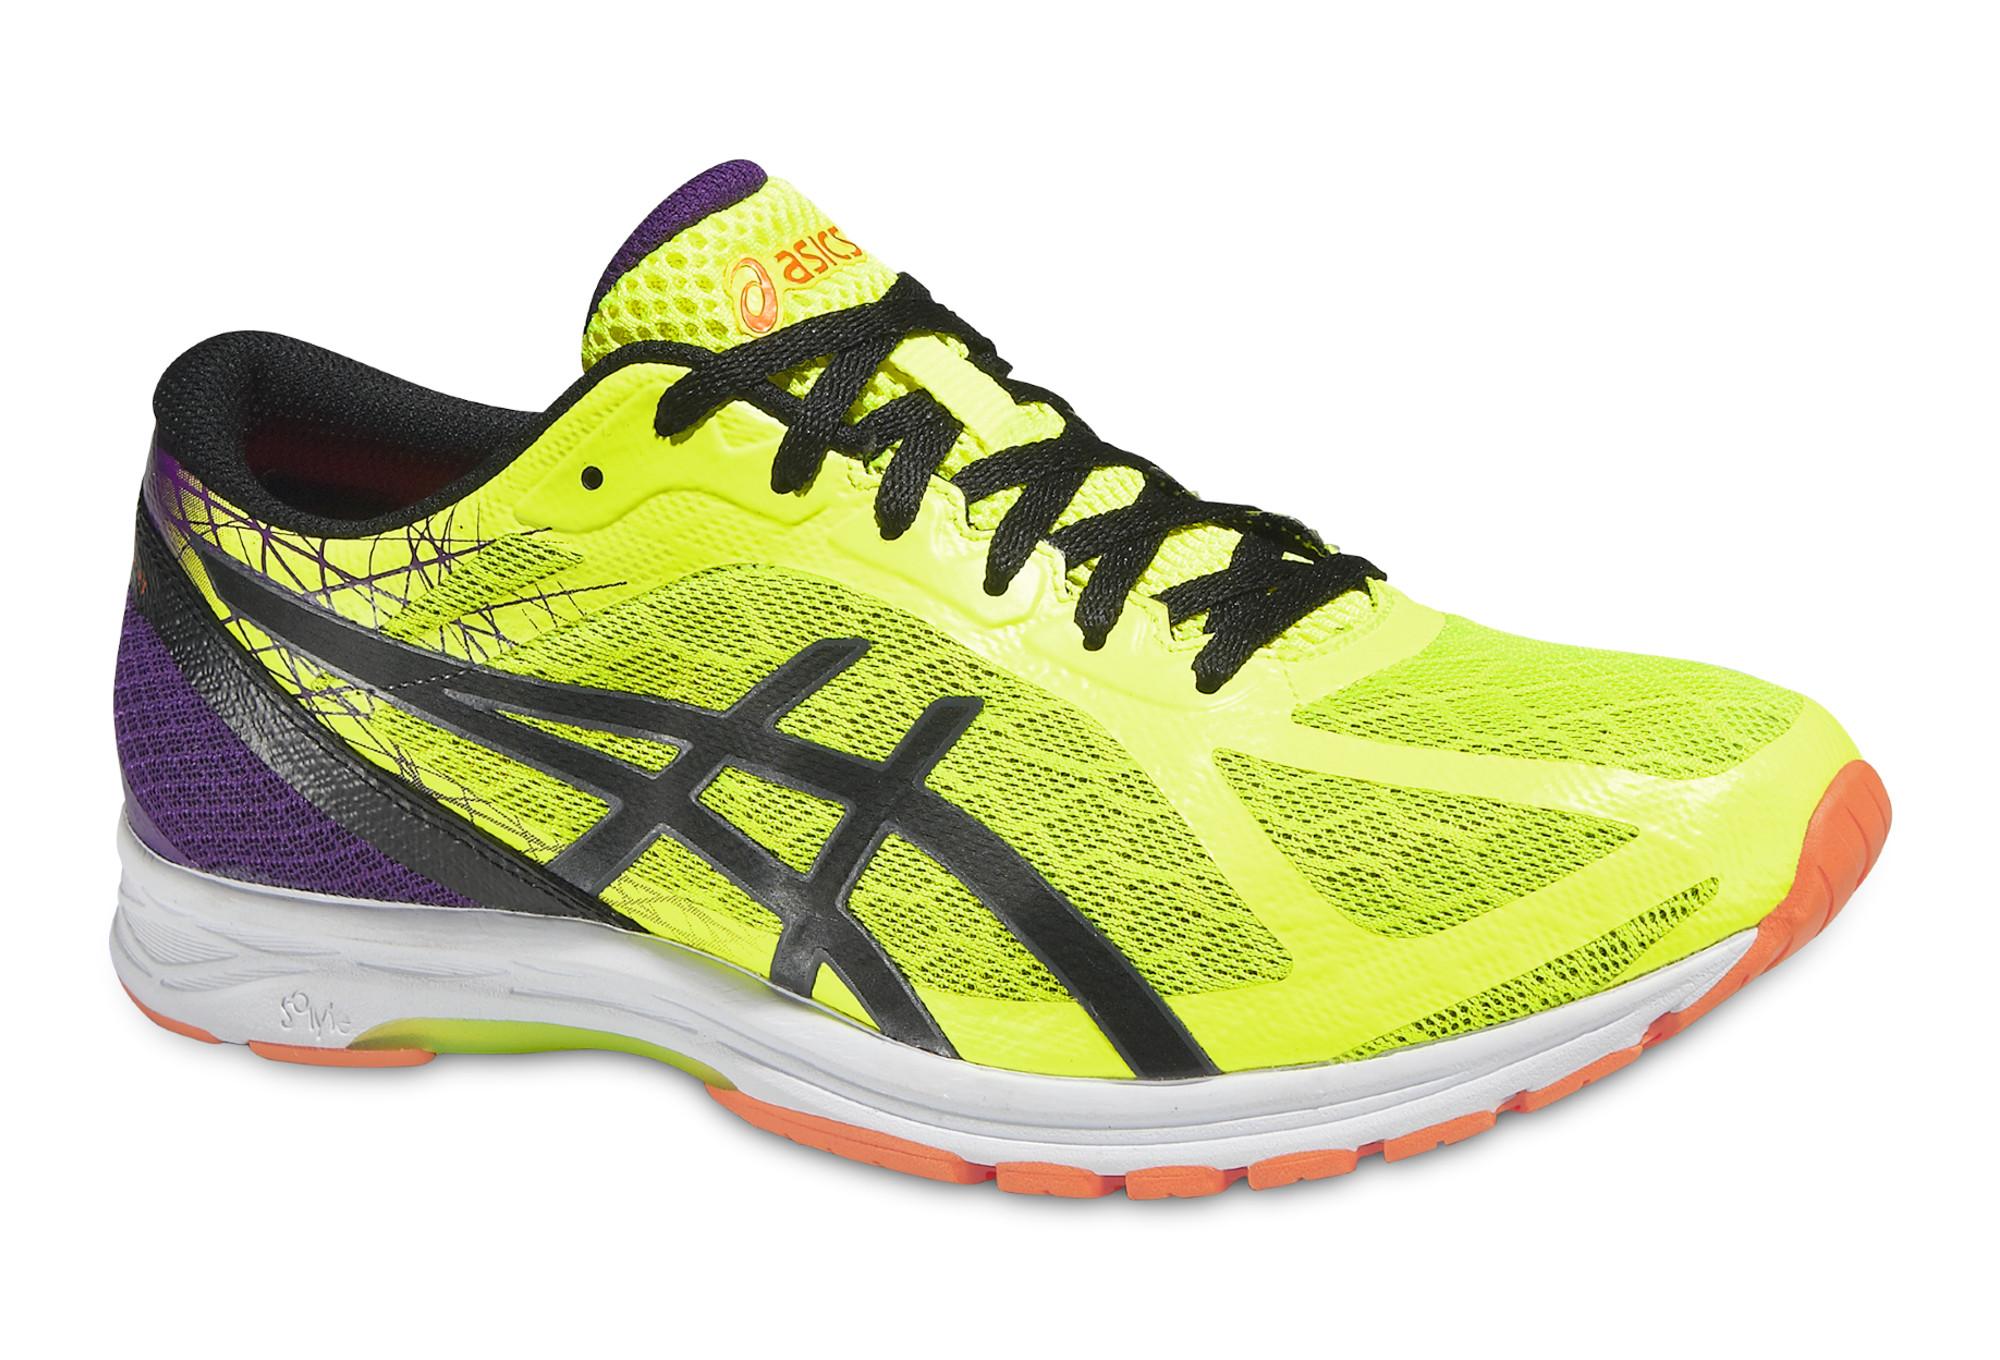 ASICS GEL DS RACER 11 JAUNE Chaussures de running asics ZD6tg9Ezr